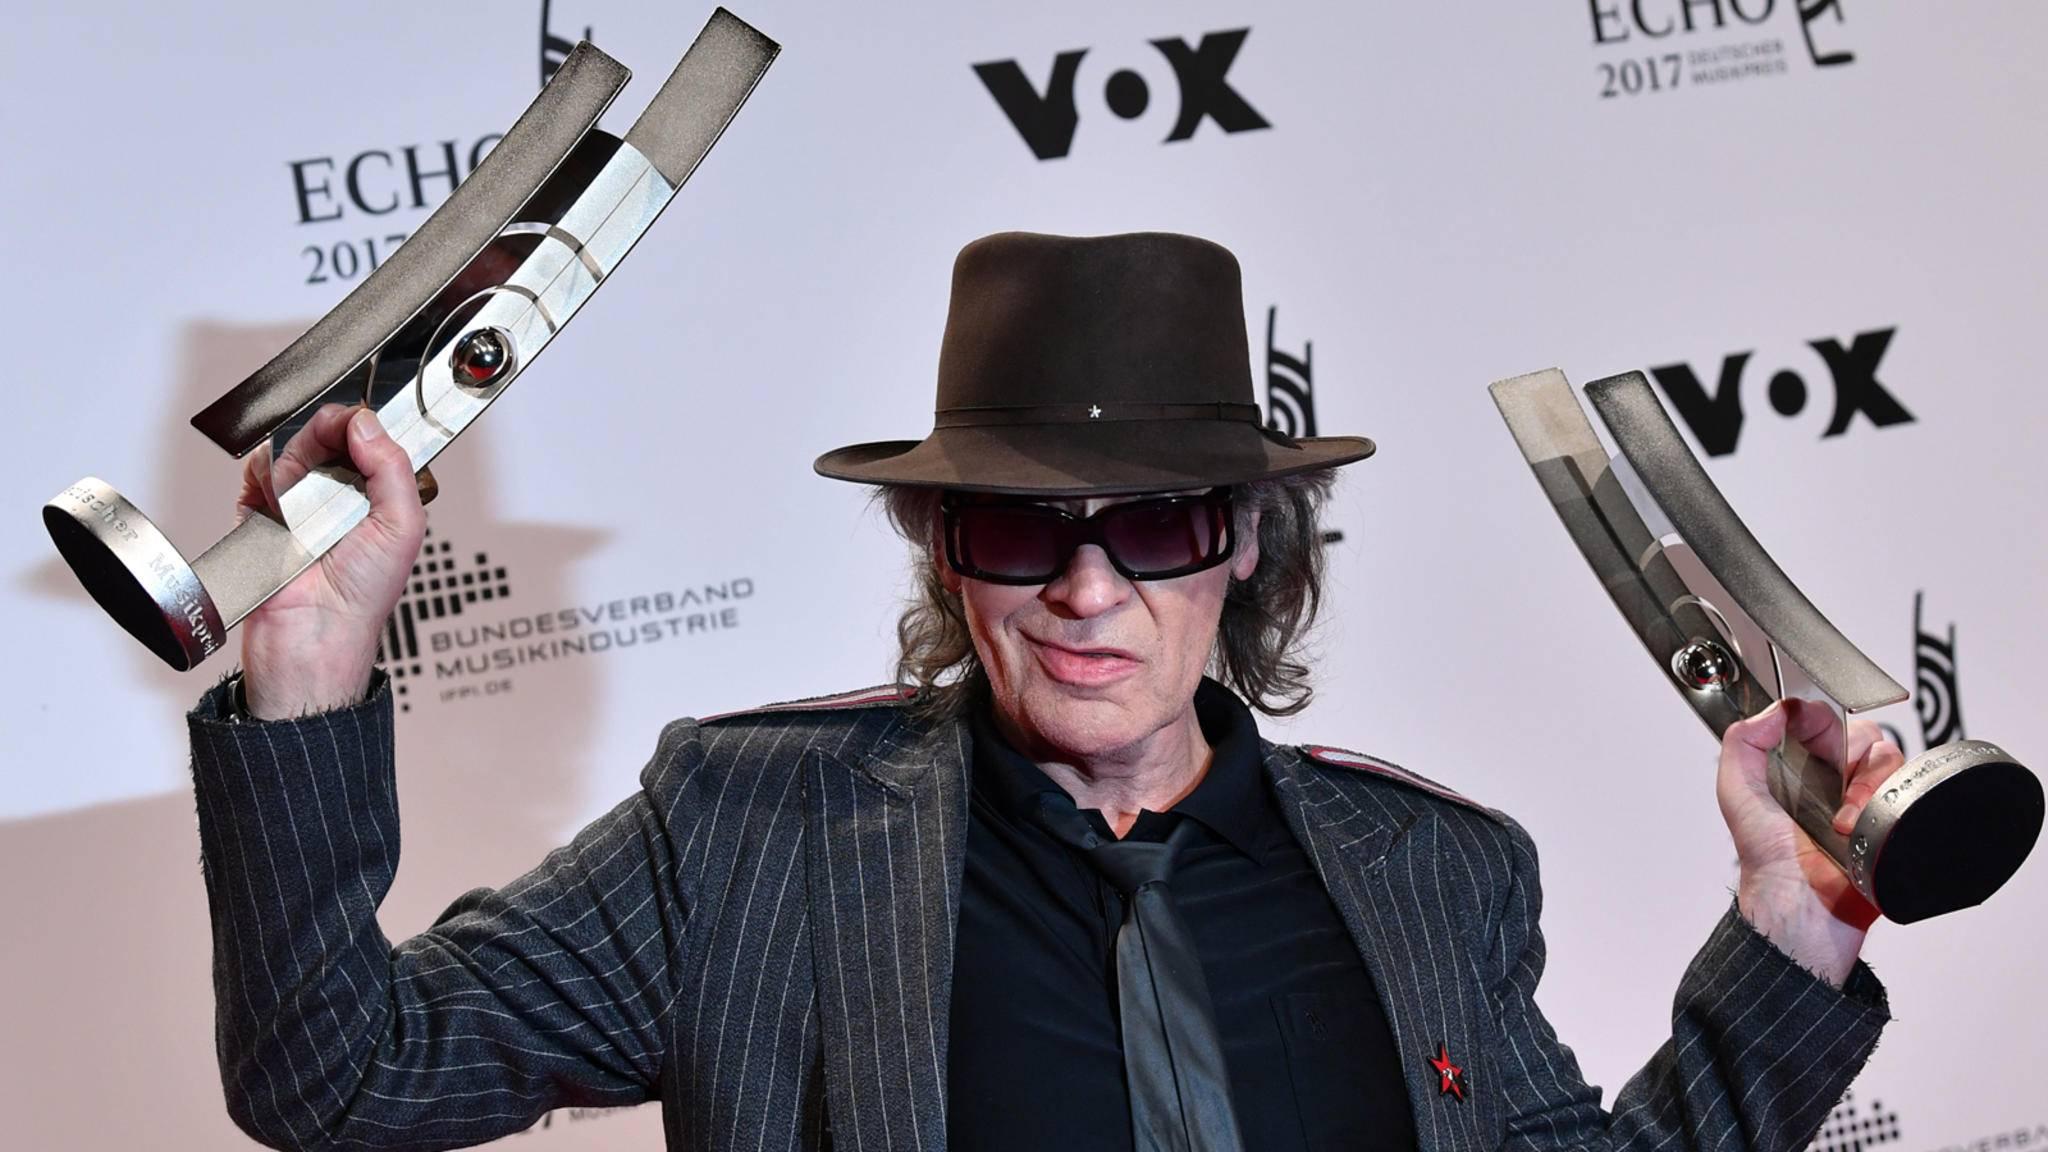 Udo Lindenberg wurde beim Echo 2017 mit zwei Preisen ausgezeichnet.